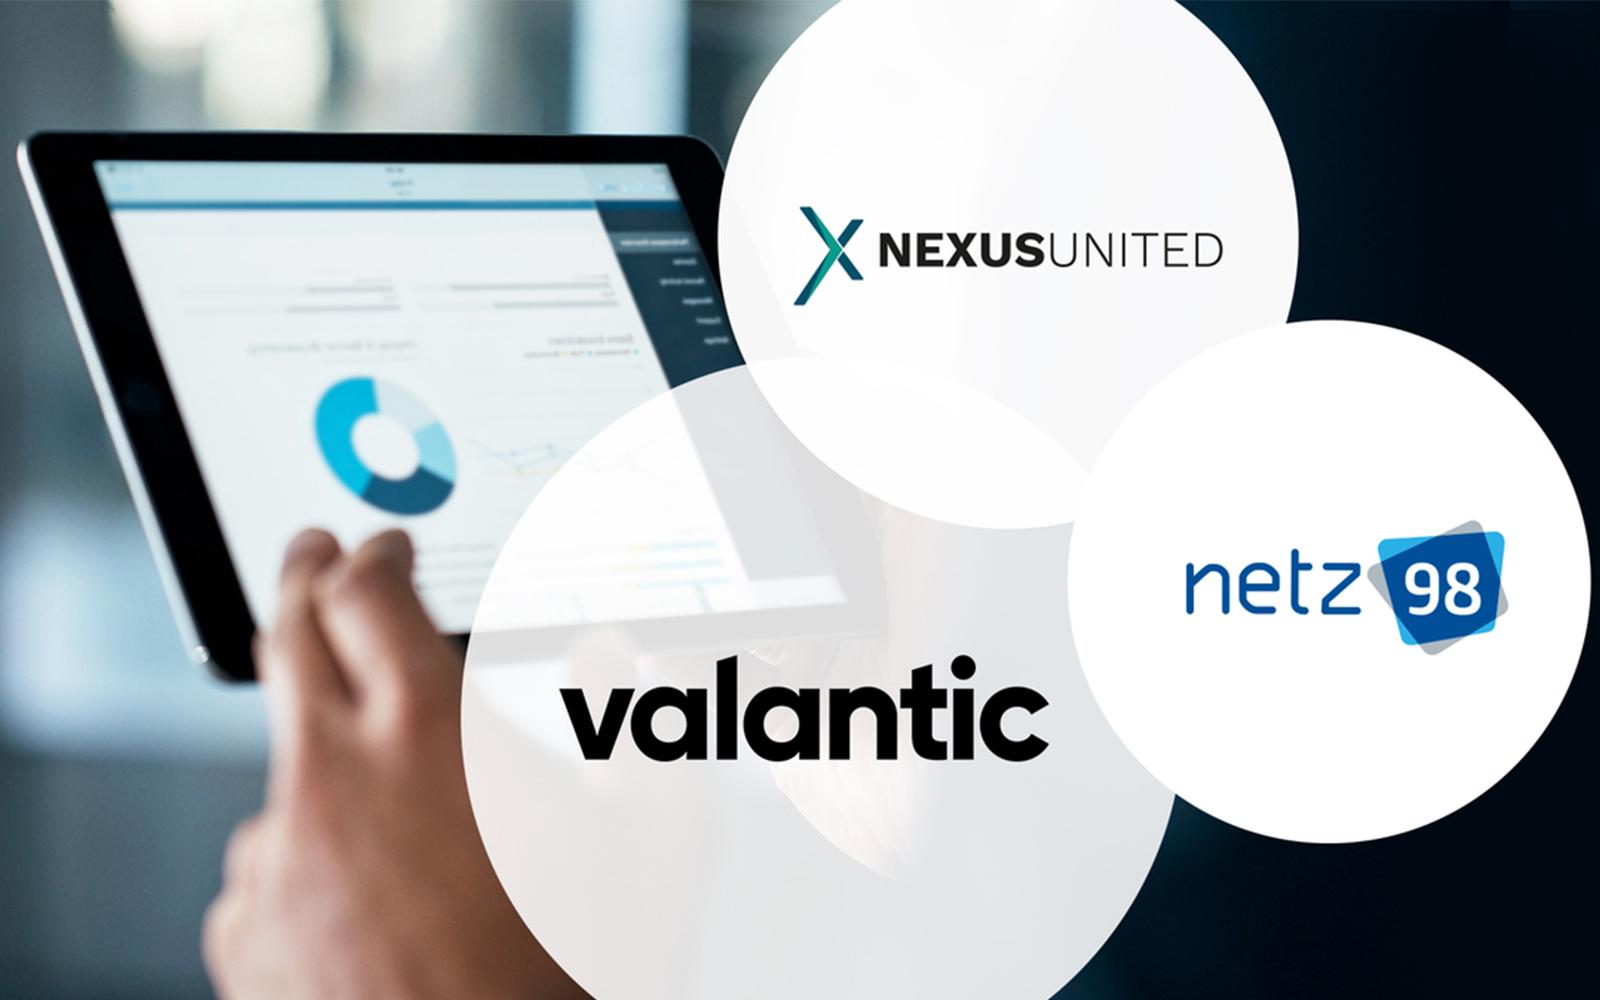 Bild eines Tablets mit einer Infografik, davor die Logos von netz98, NEXUS United und valantic